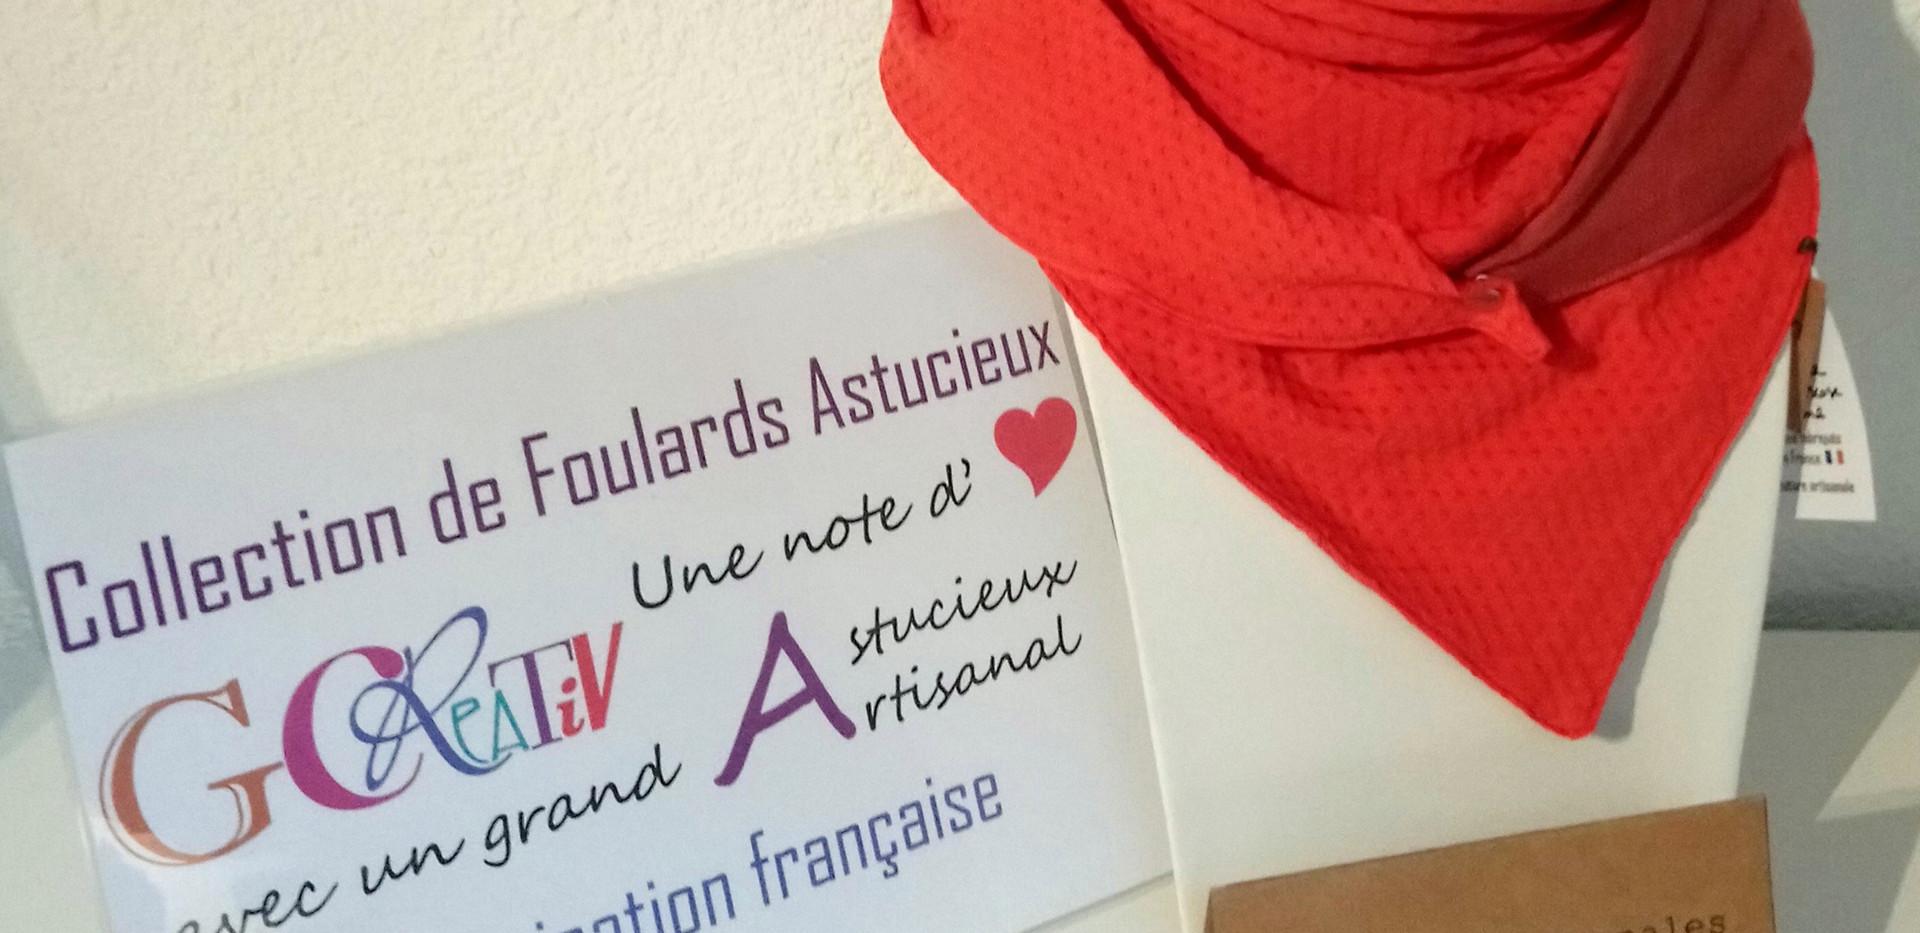 Foulard Astucieux Gcreativ Flamme